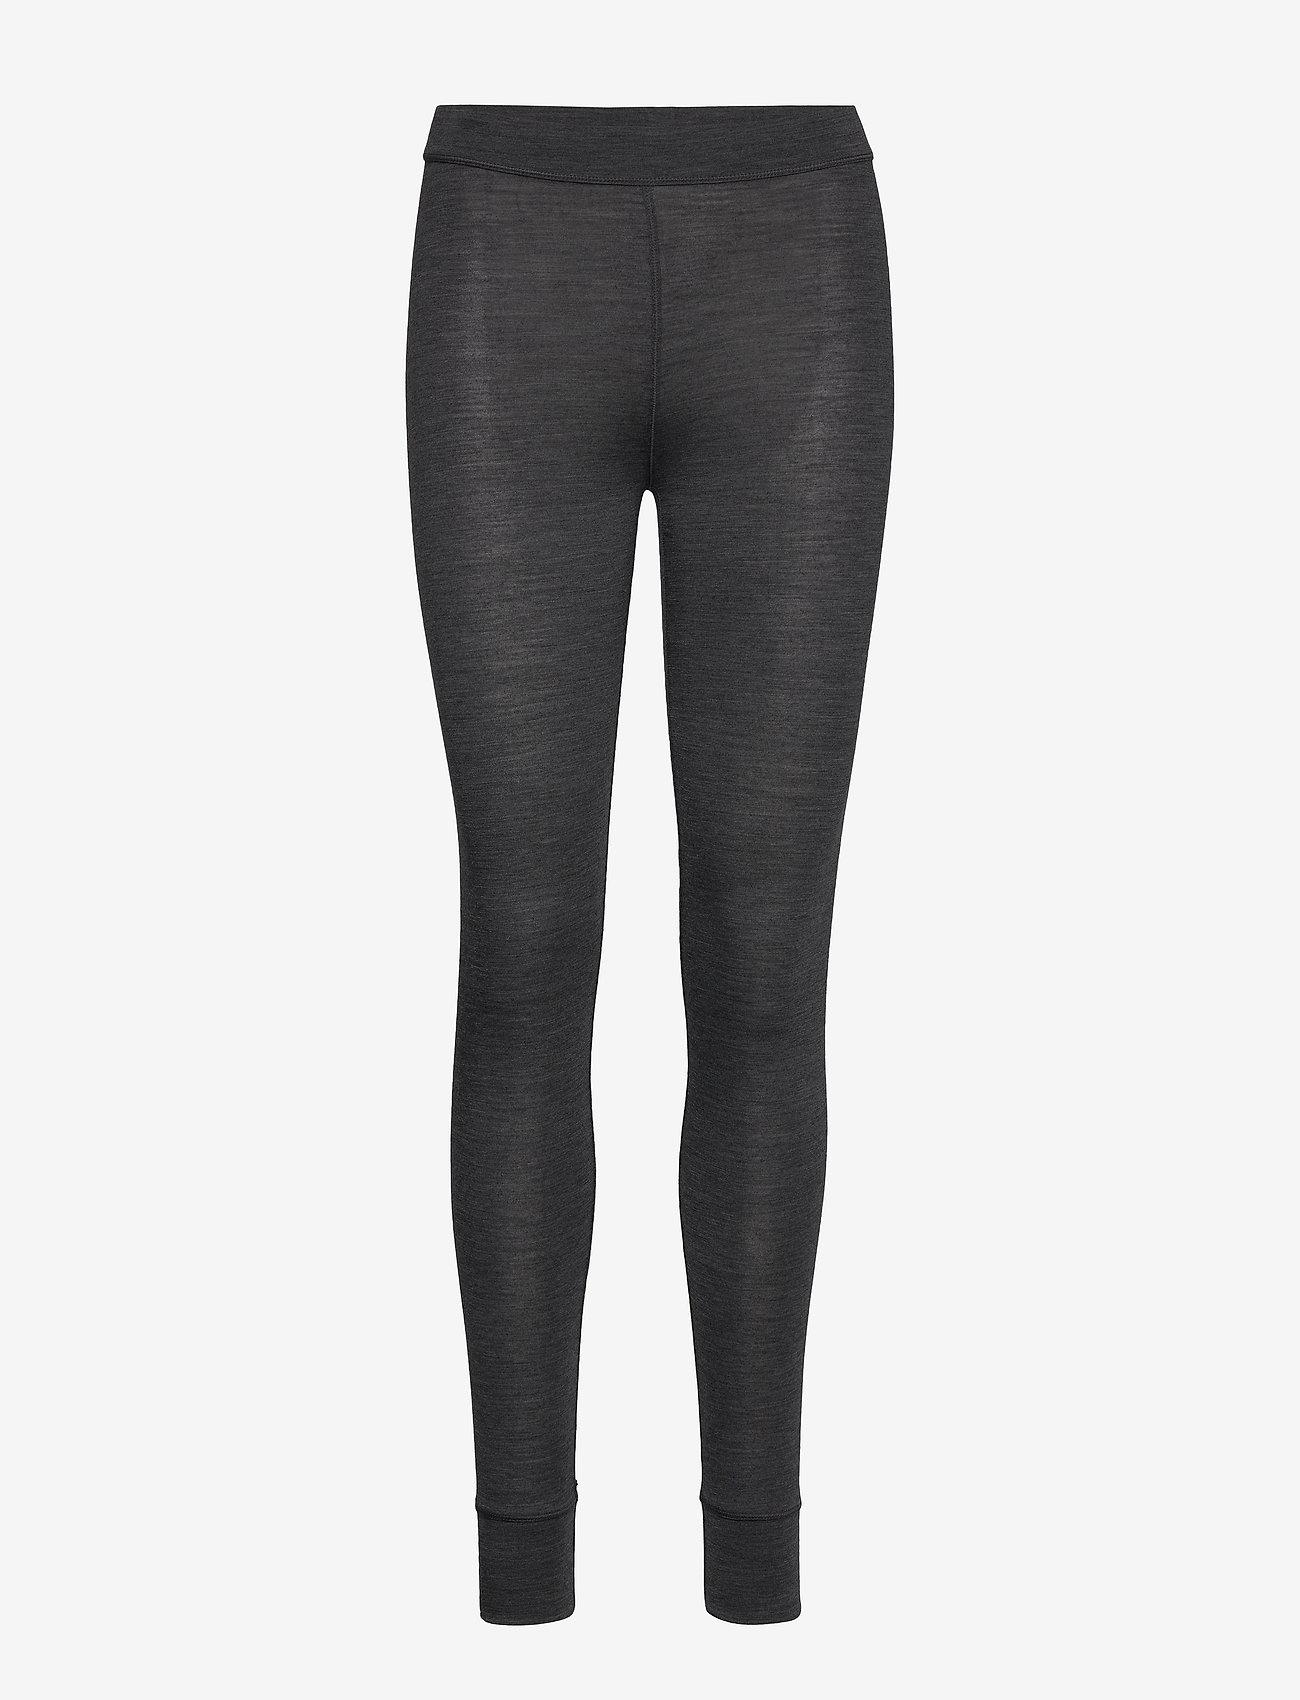 JBS of Denmark - JBS of DK pants wool - leggings - dark gray - 0